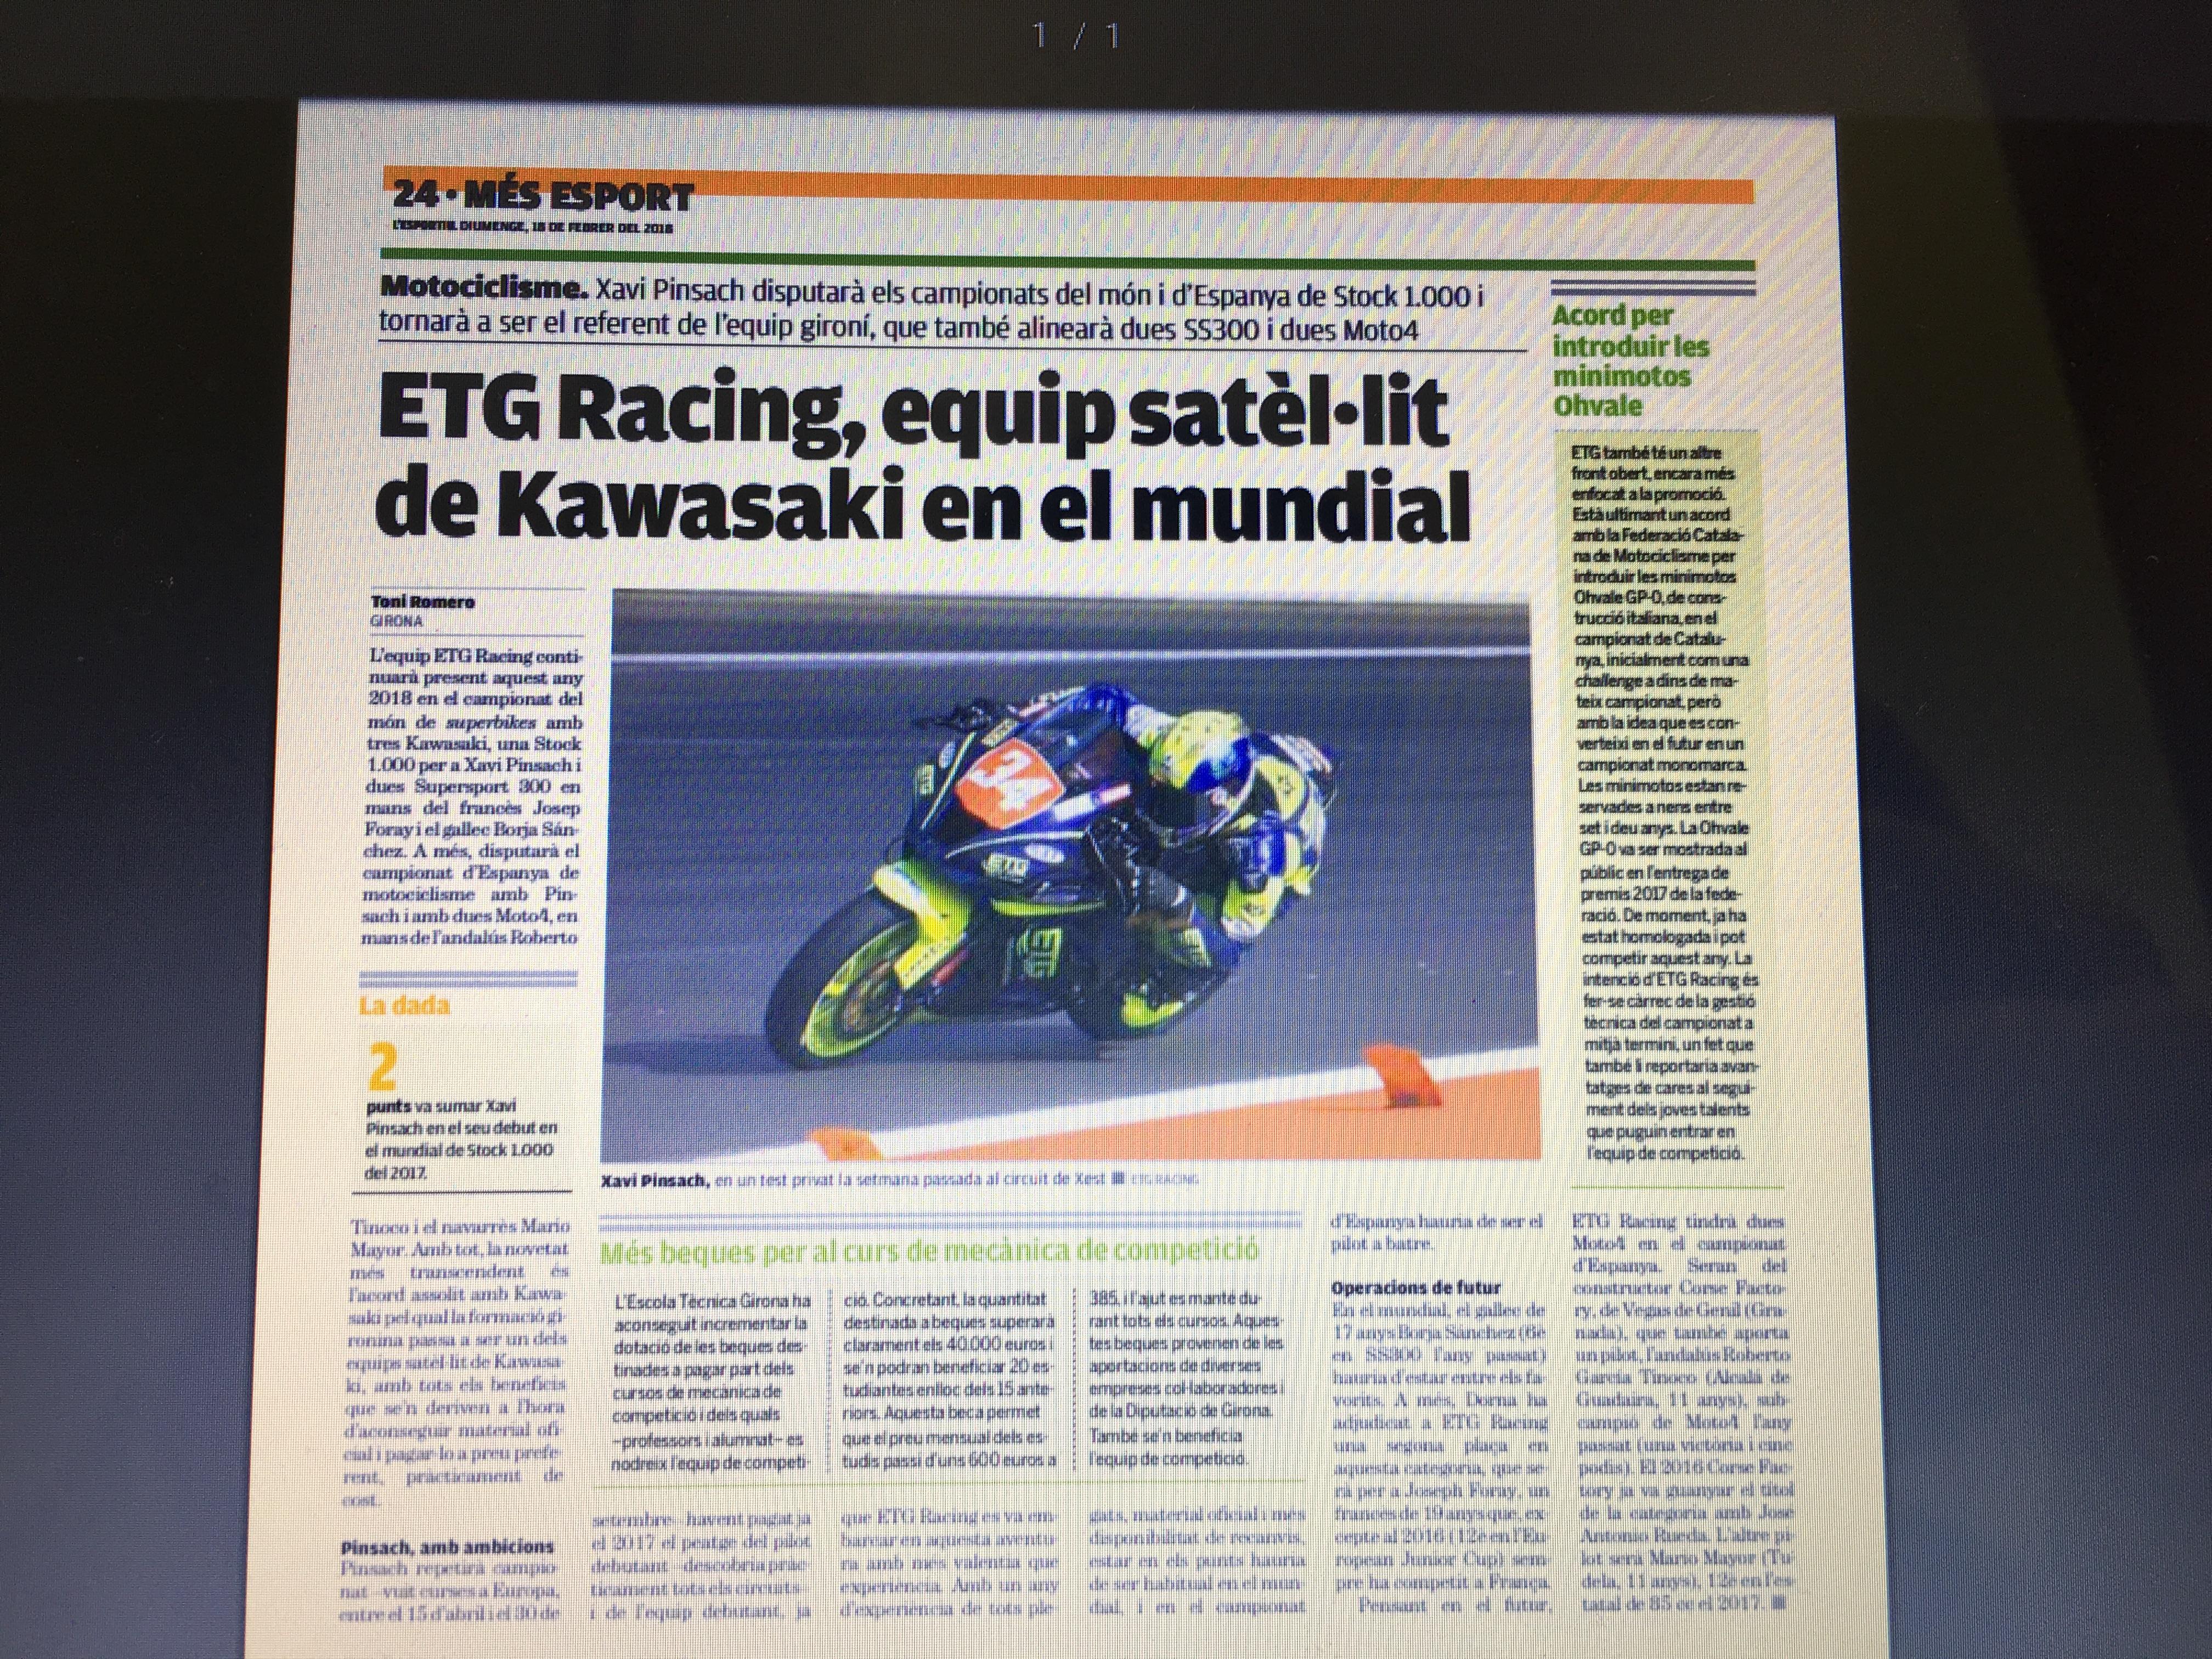 Article a l'Esportiu sobre ETG Racing